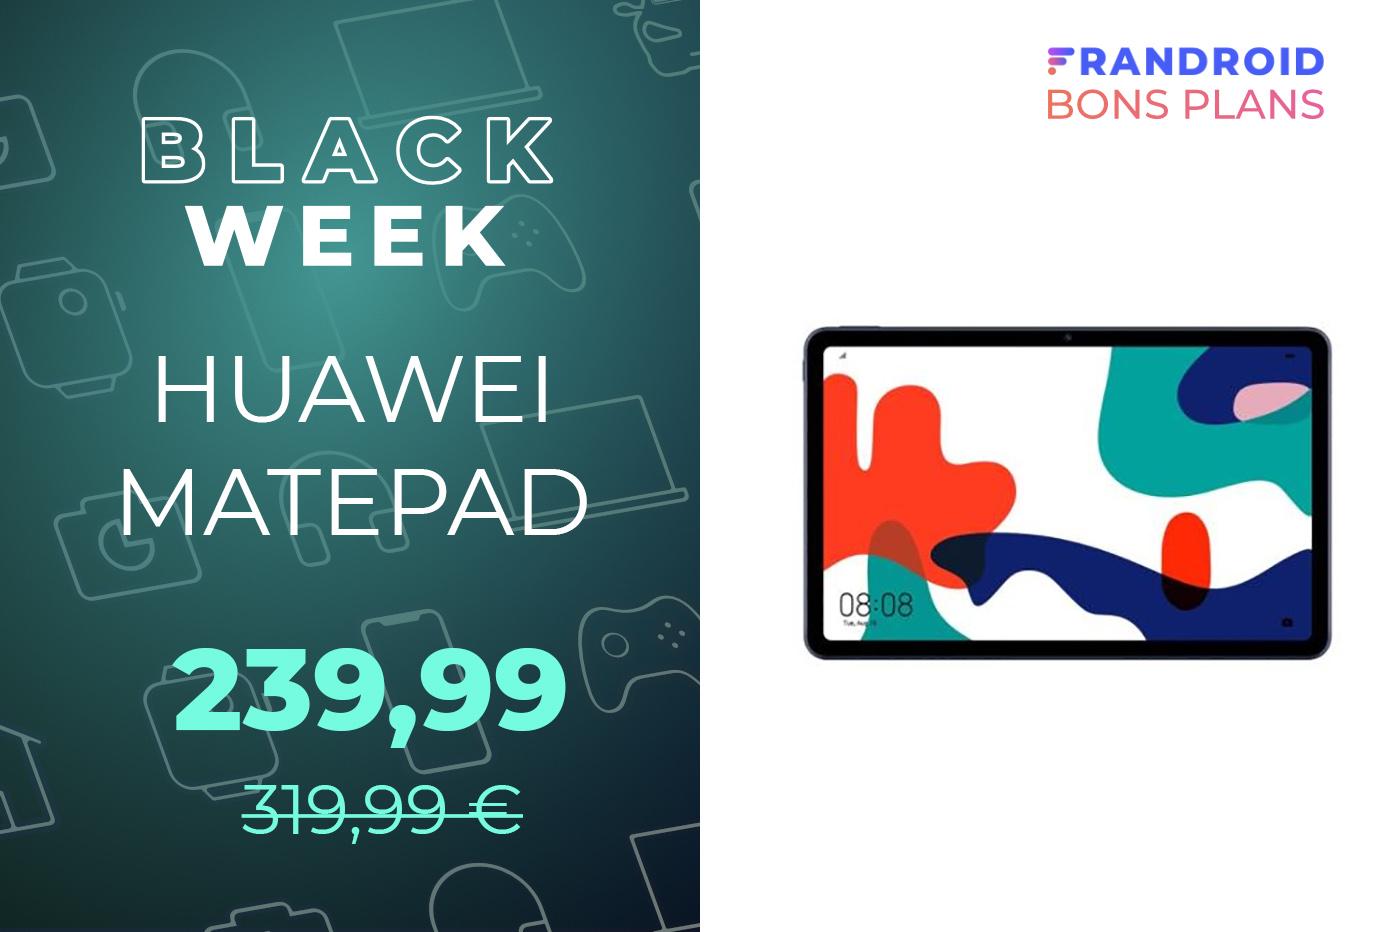 La tablette Huawei MatePad 10,4 pouces se prend -26% de réduction !